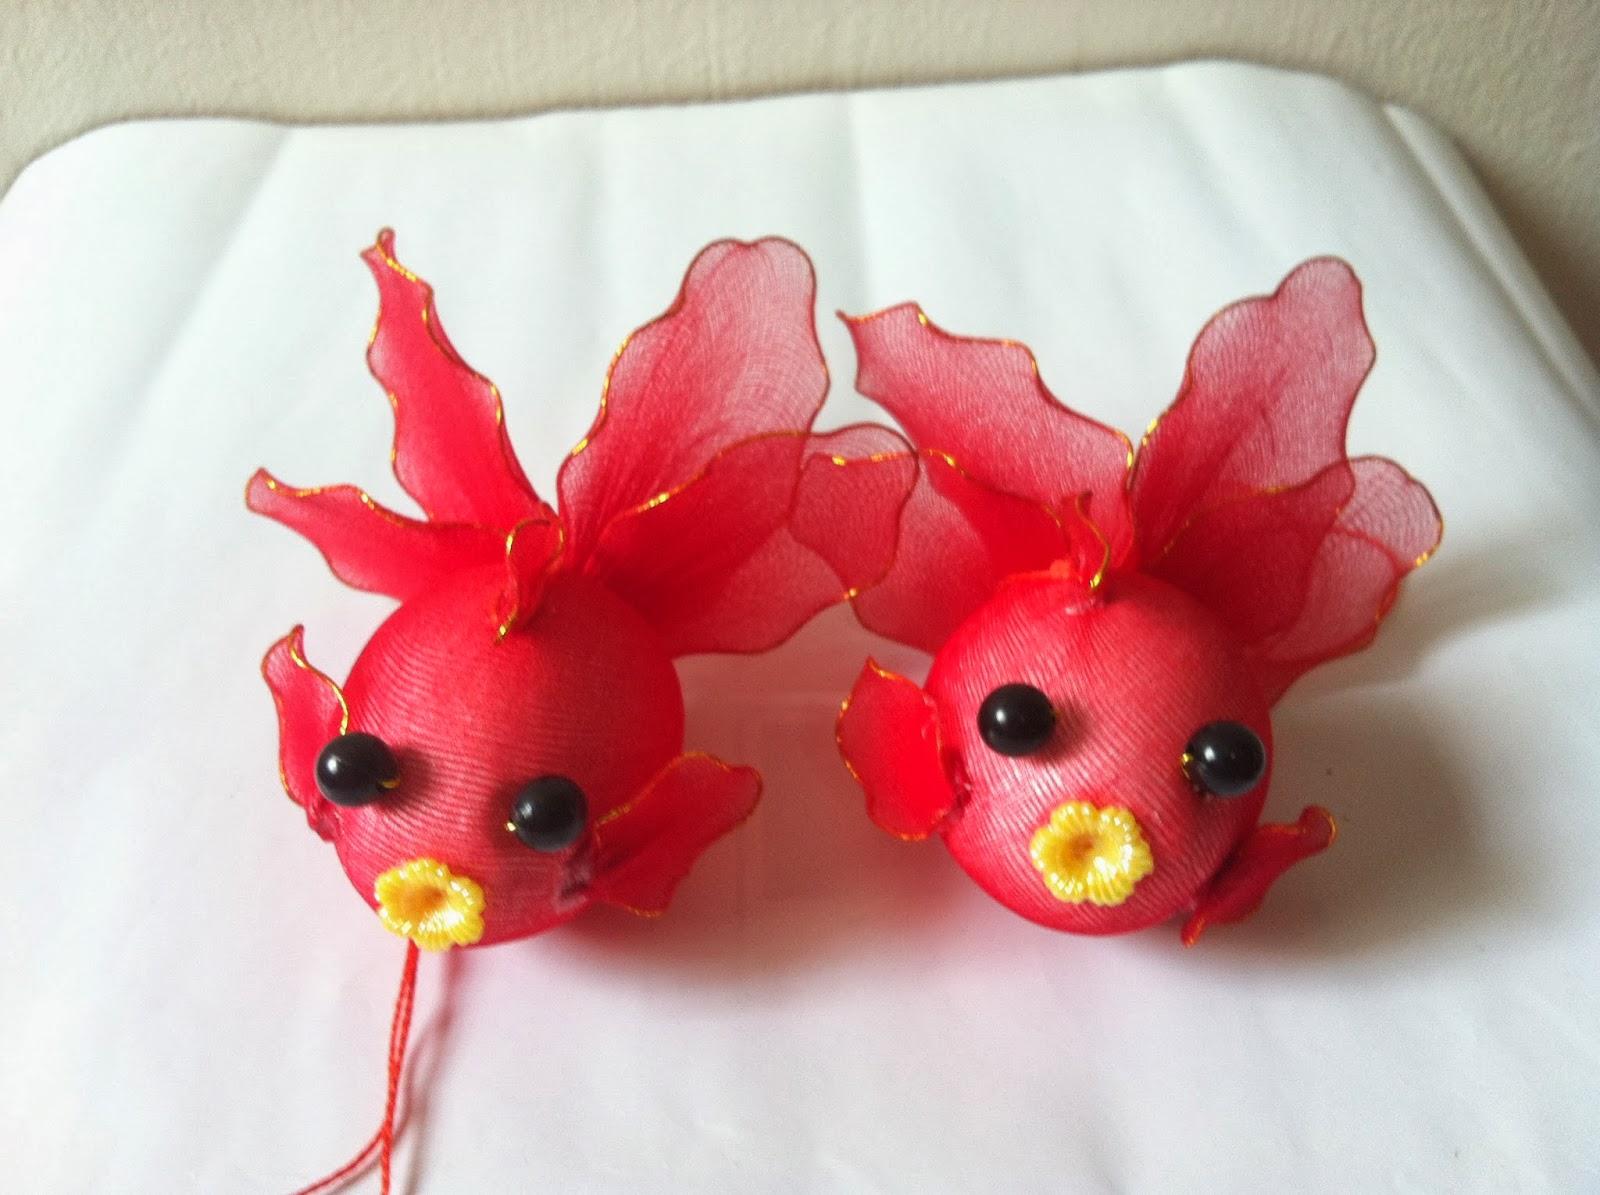 Handmade Stocking Flowers - Singapore: Art and Craft Red Goldfish